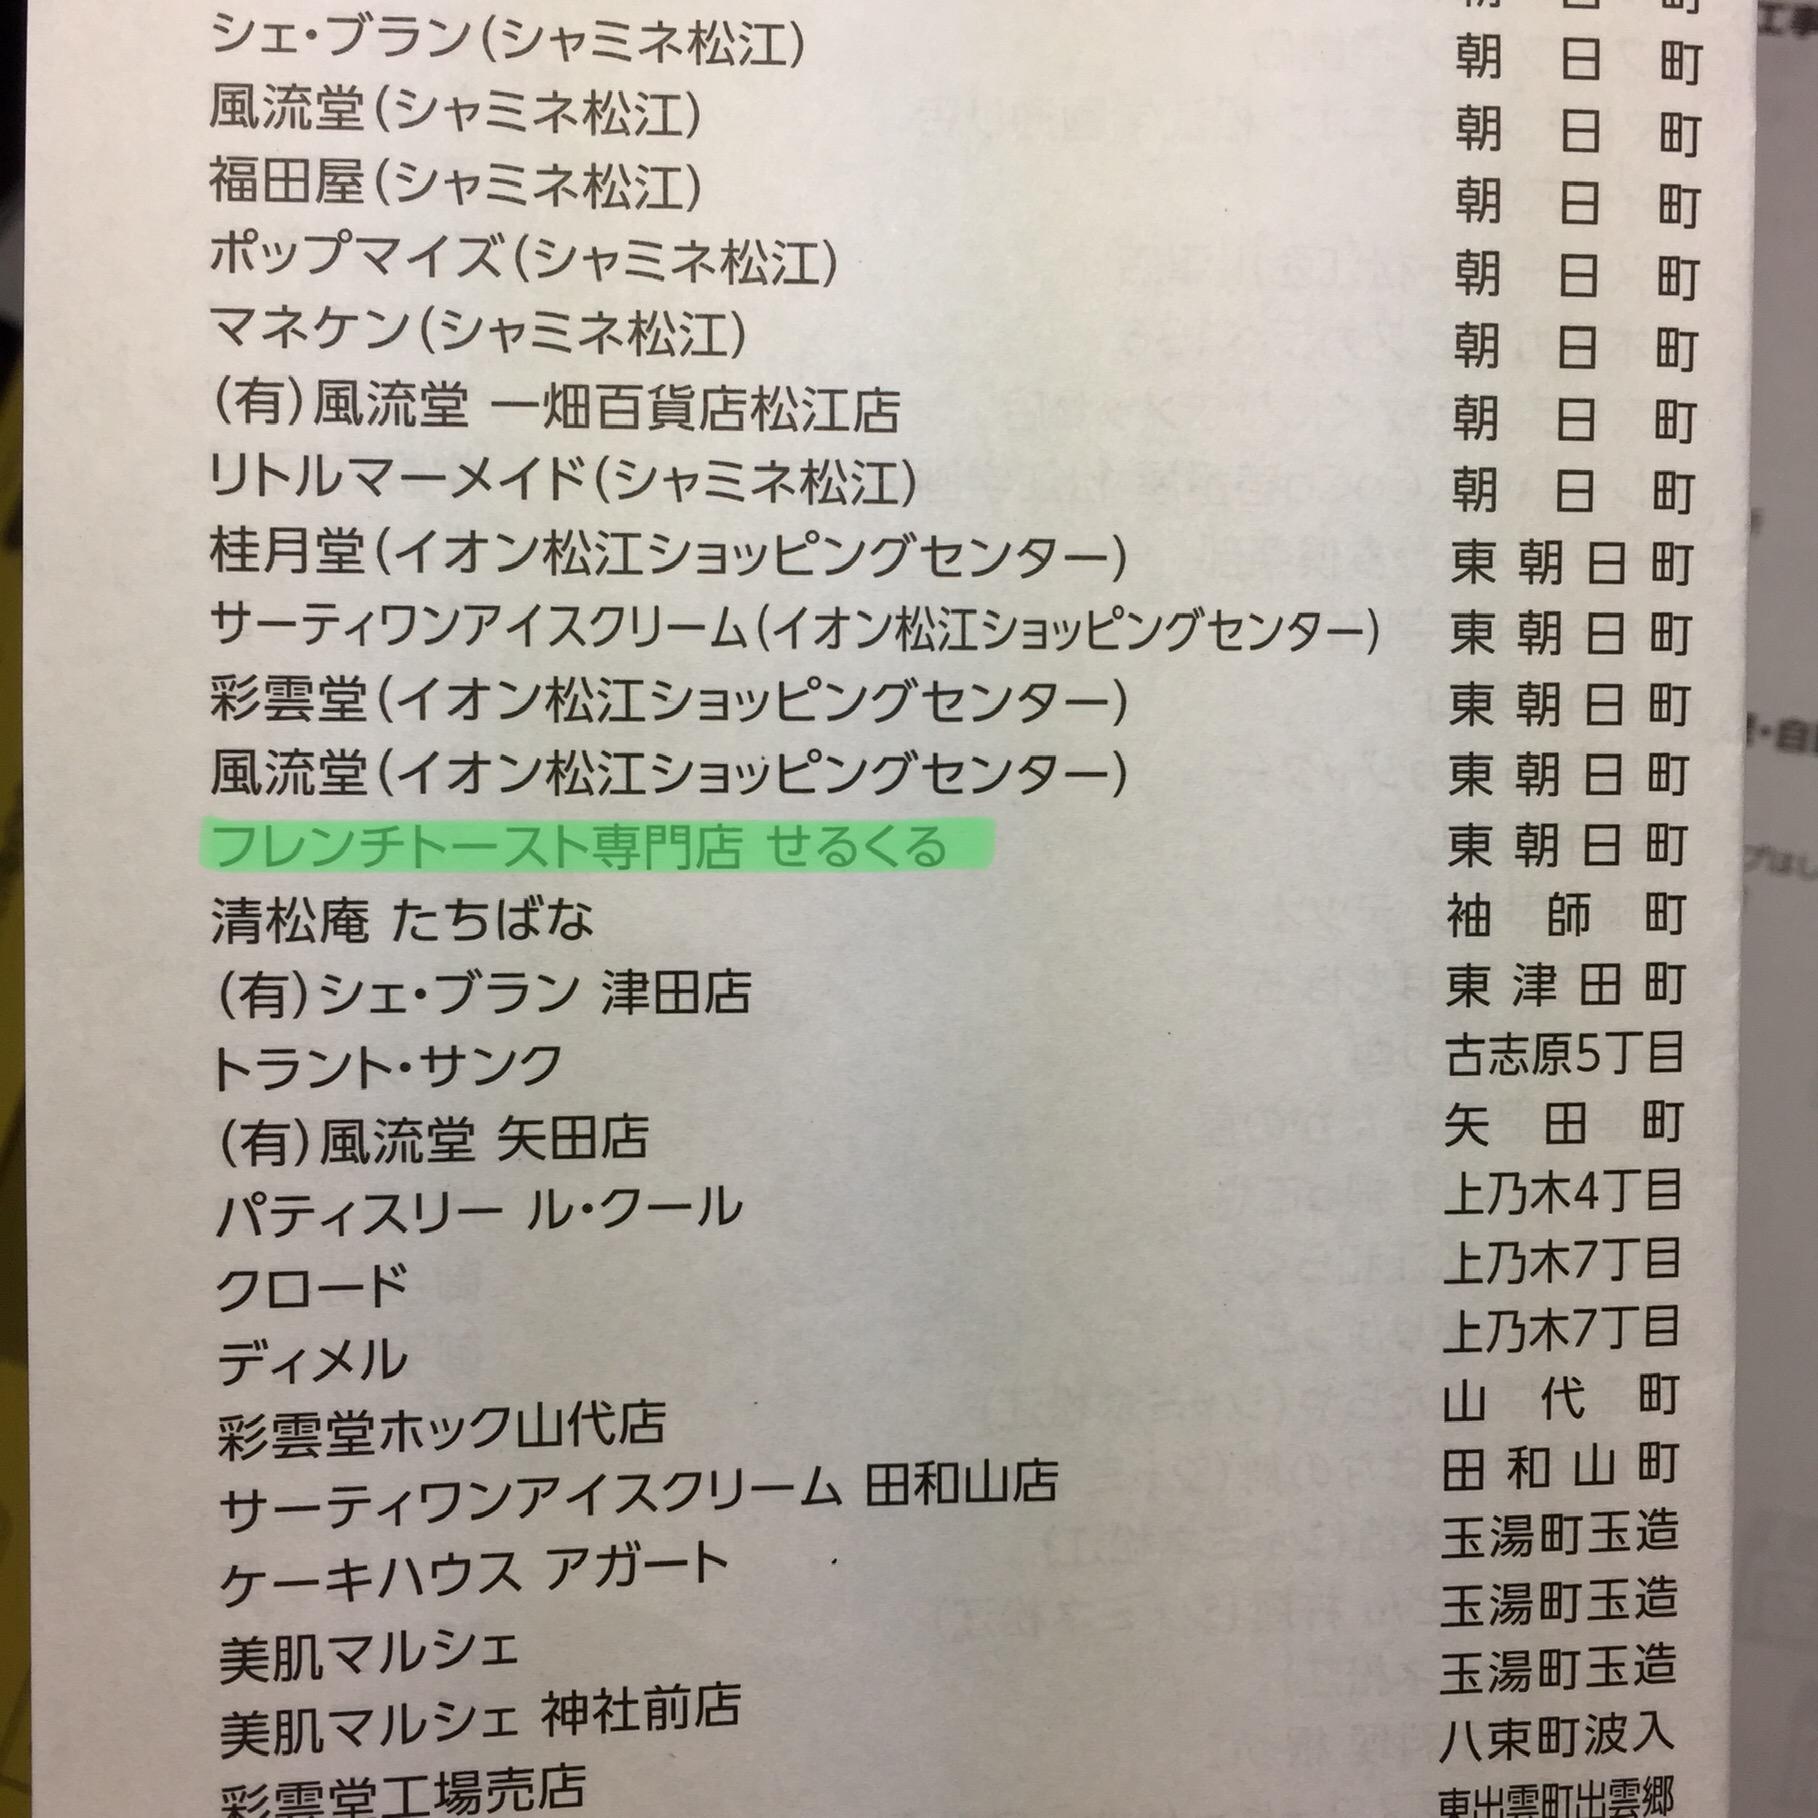 松江市 プレミアム商品券 店舗一覧 フレンチトーストせるくる